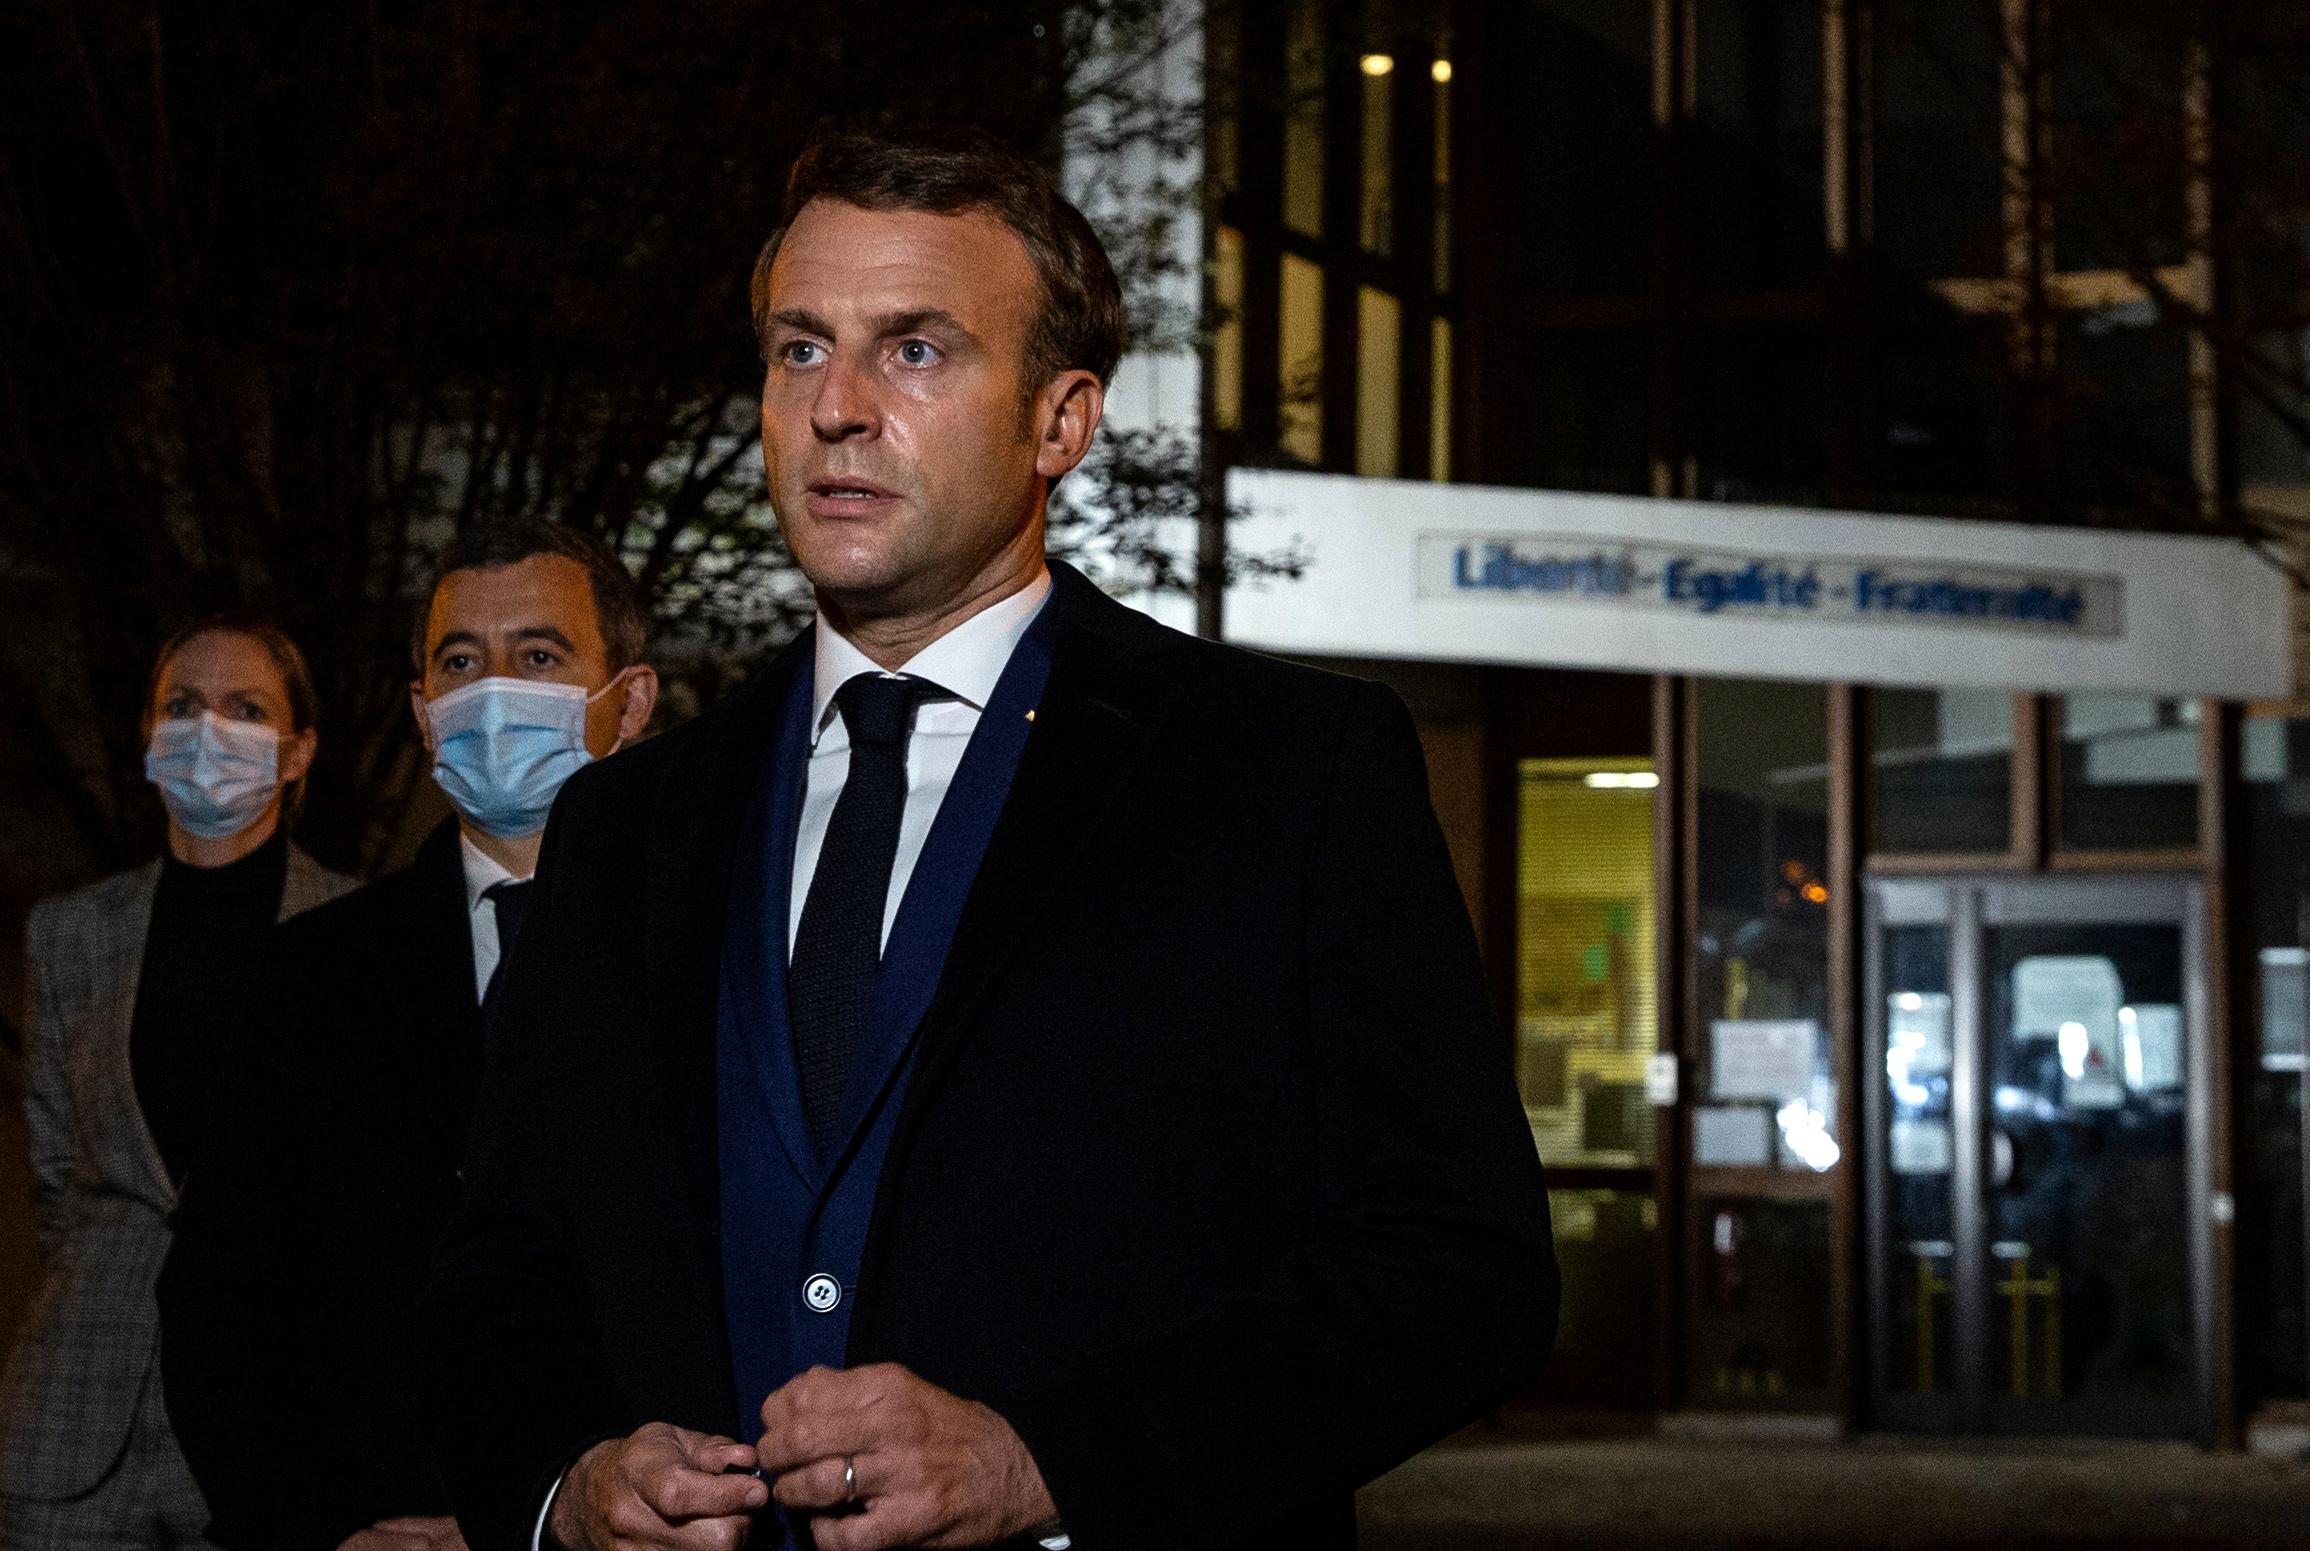 """法国总统马克龙事发后前往该名教师任教的学校视察,并将这起残忍的谋杀案定调为""""伊斯兰恐怖份子攻击""""。 -路透社-"""